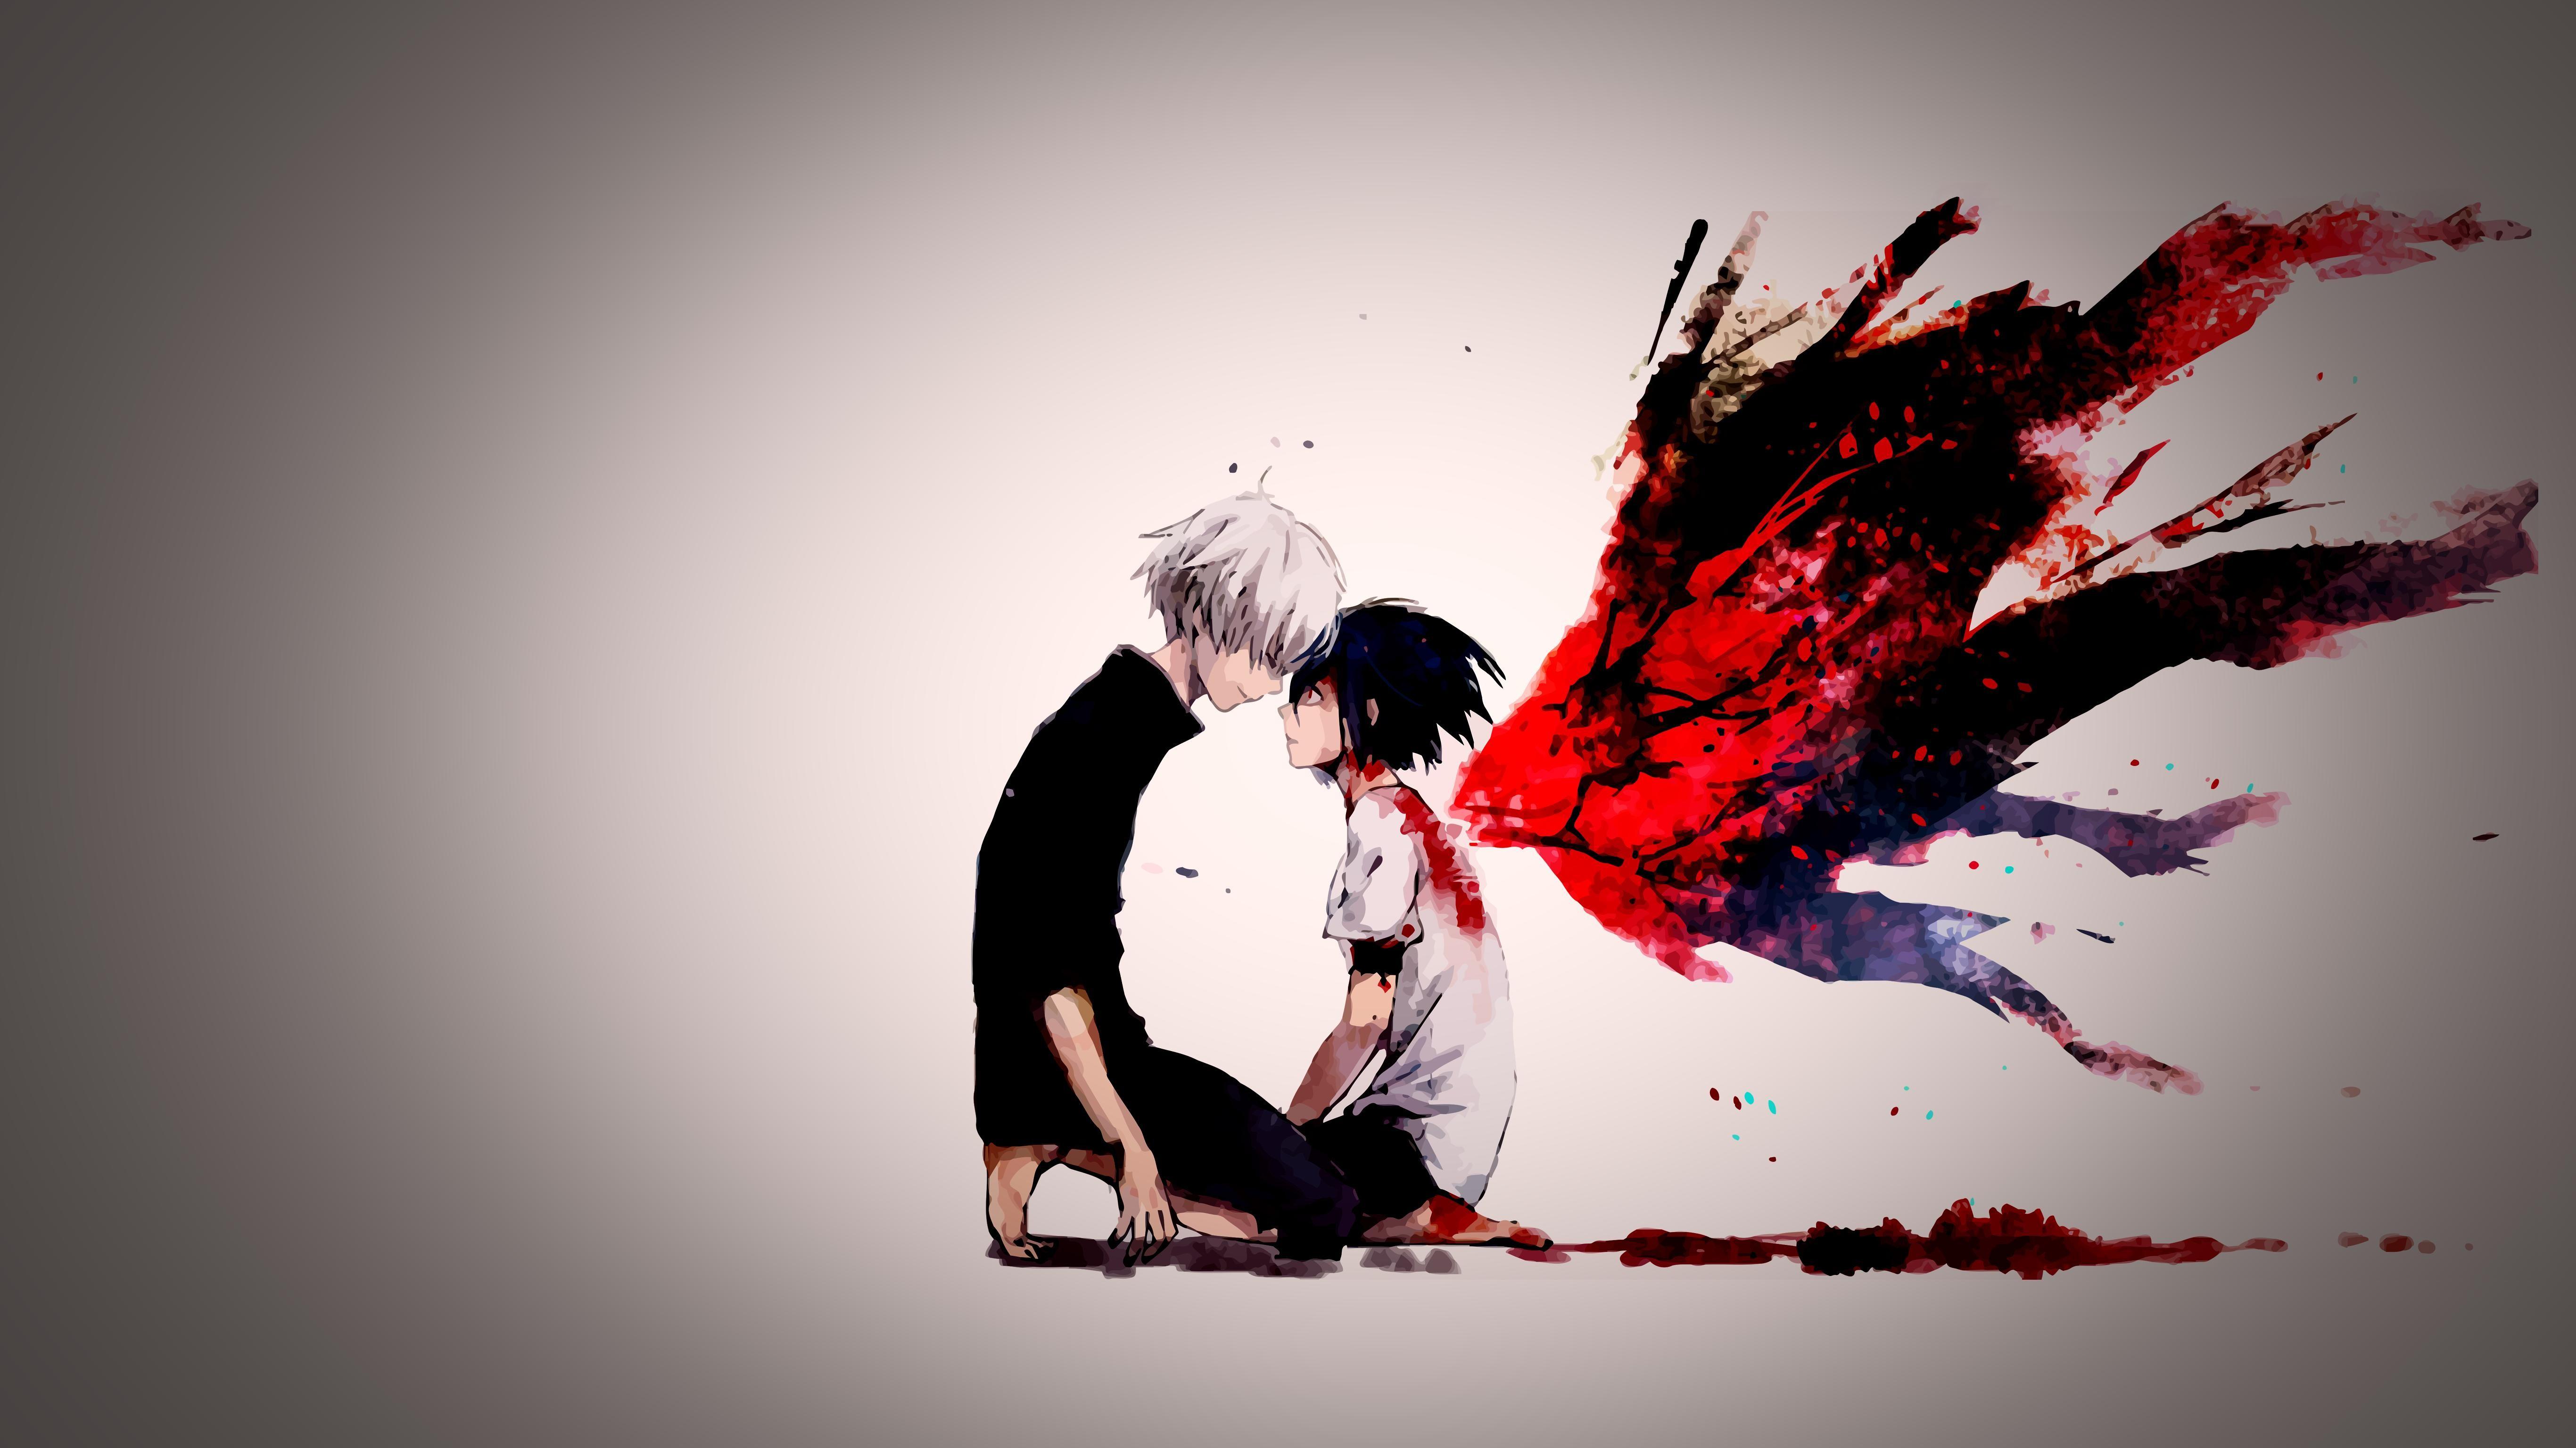 Hintergrundbilder illustration rot manga grafikdesign kaneki ken tokyo ghoul emotion - Ken hd wallpaper ...